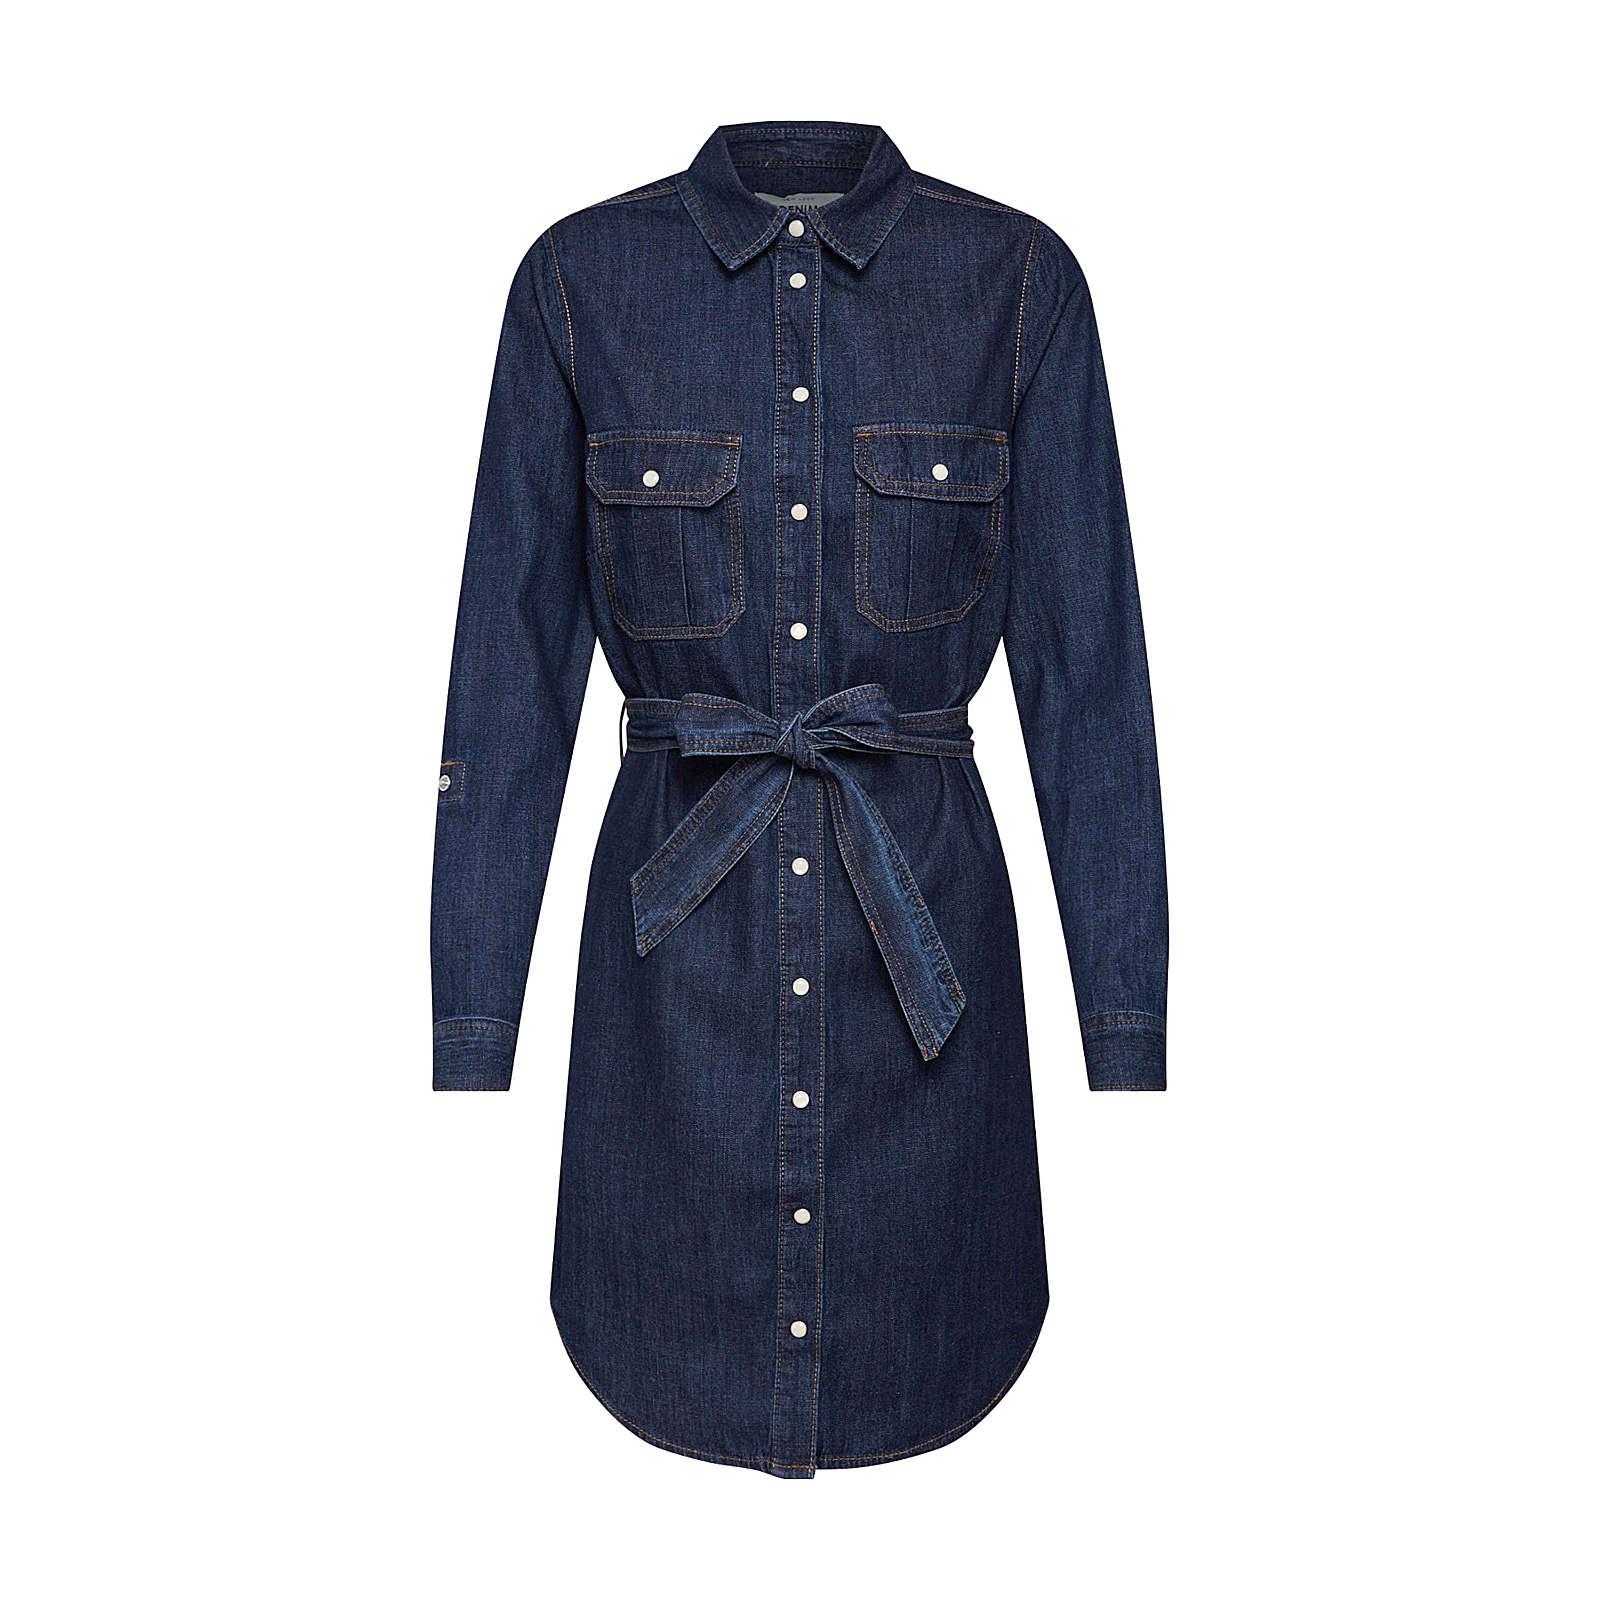 NEW LOOK Blusenkleid HAVANA Blusenkleider blau Damen Gr. 40